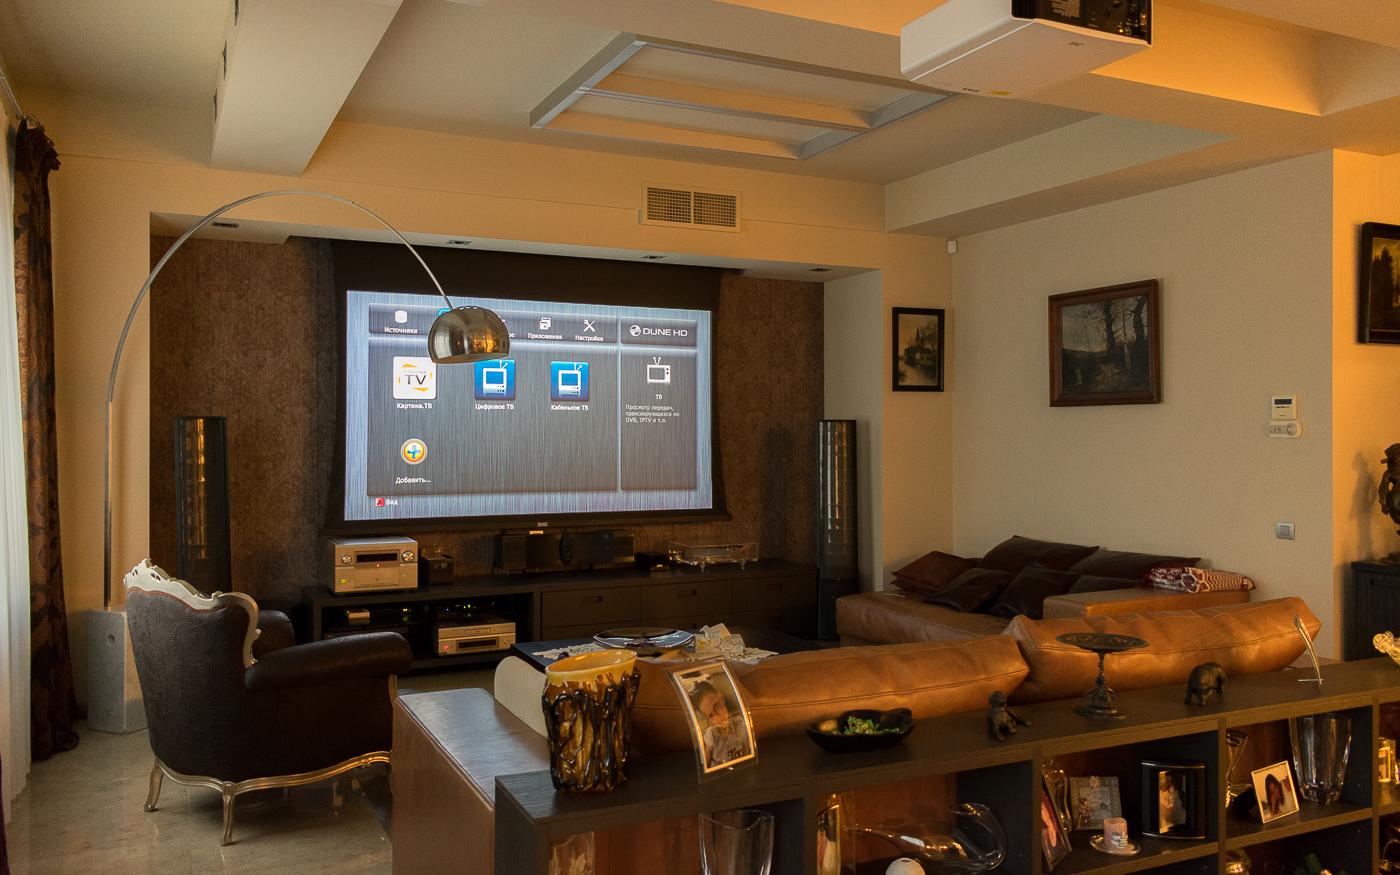 Домашний кинотеатр с проектором JVC DLA-X5900